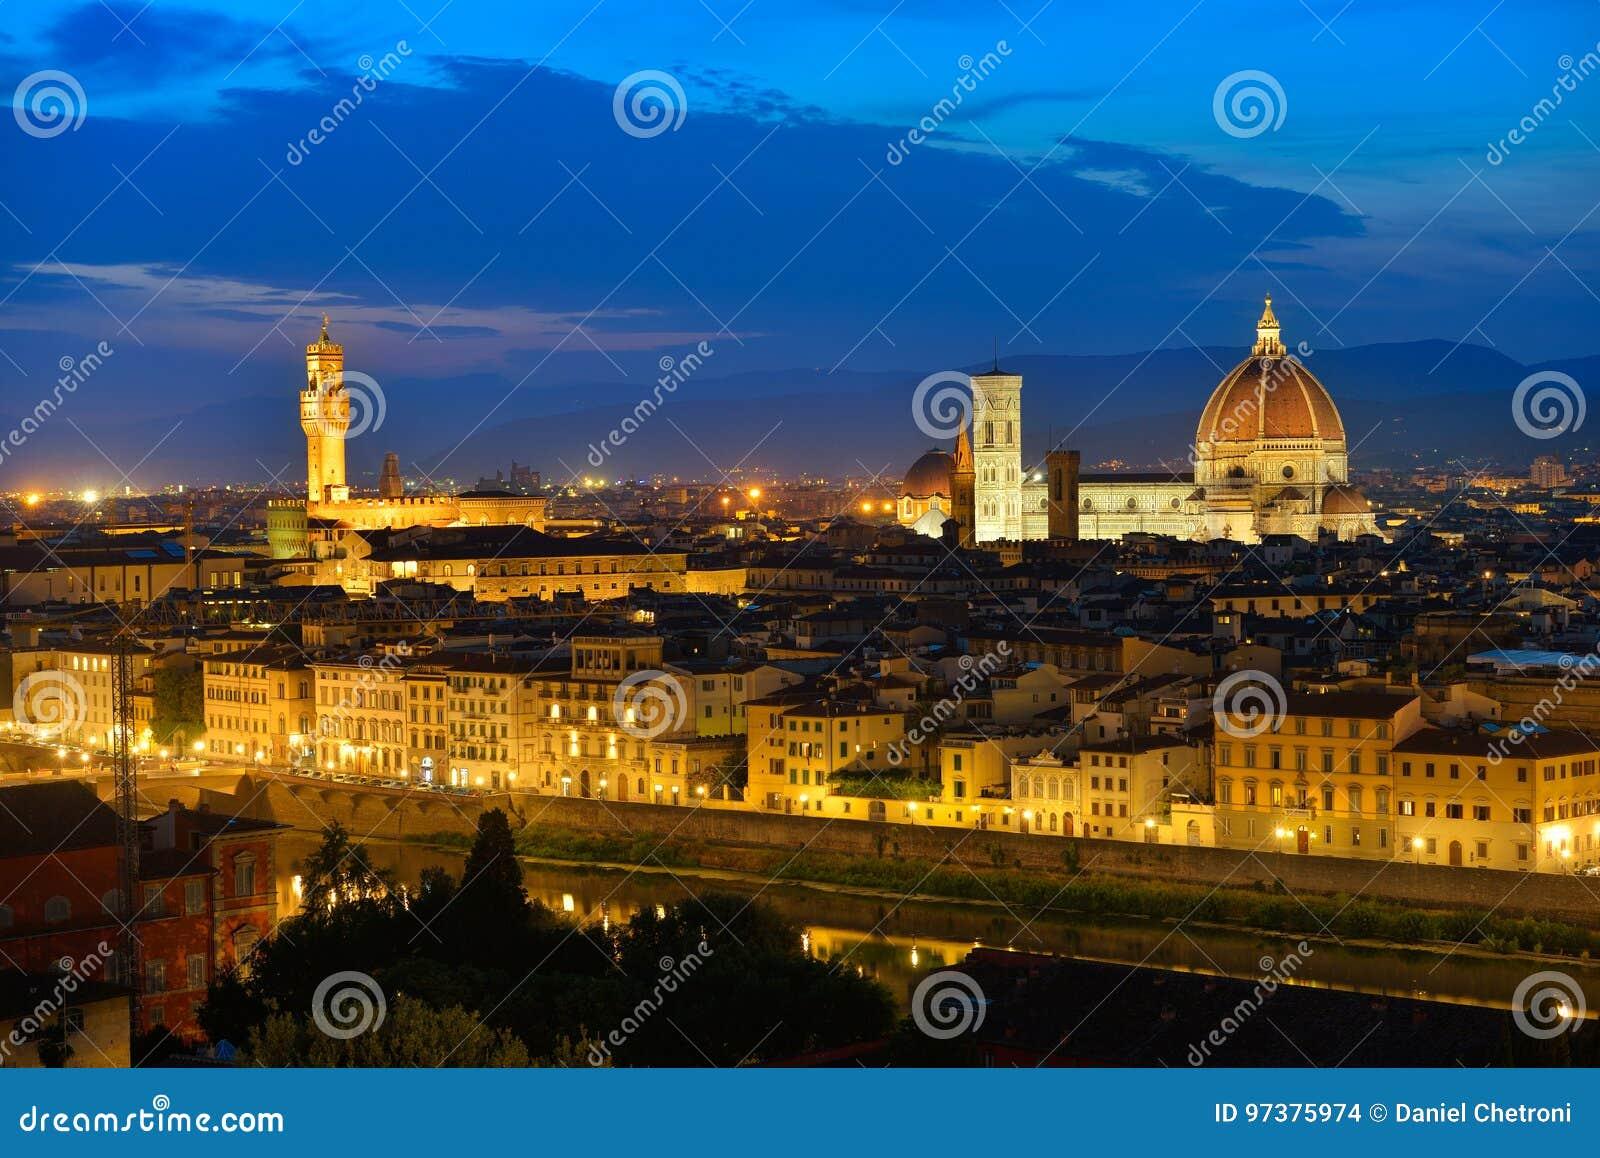 Fior Fiori.Florence Tuscany Night Scenery With Duomo Santa Maria Del Fiori